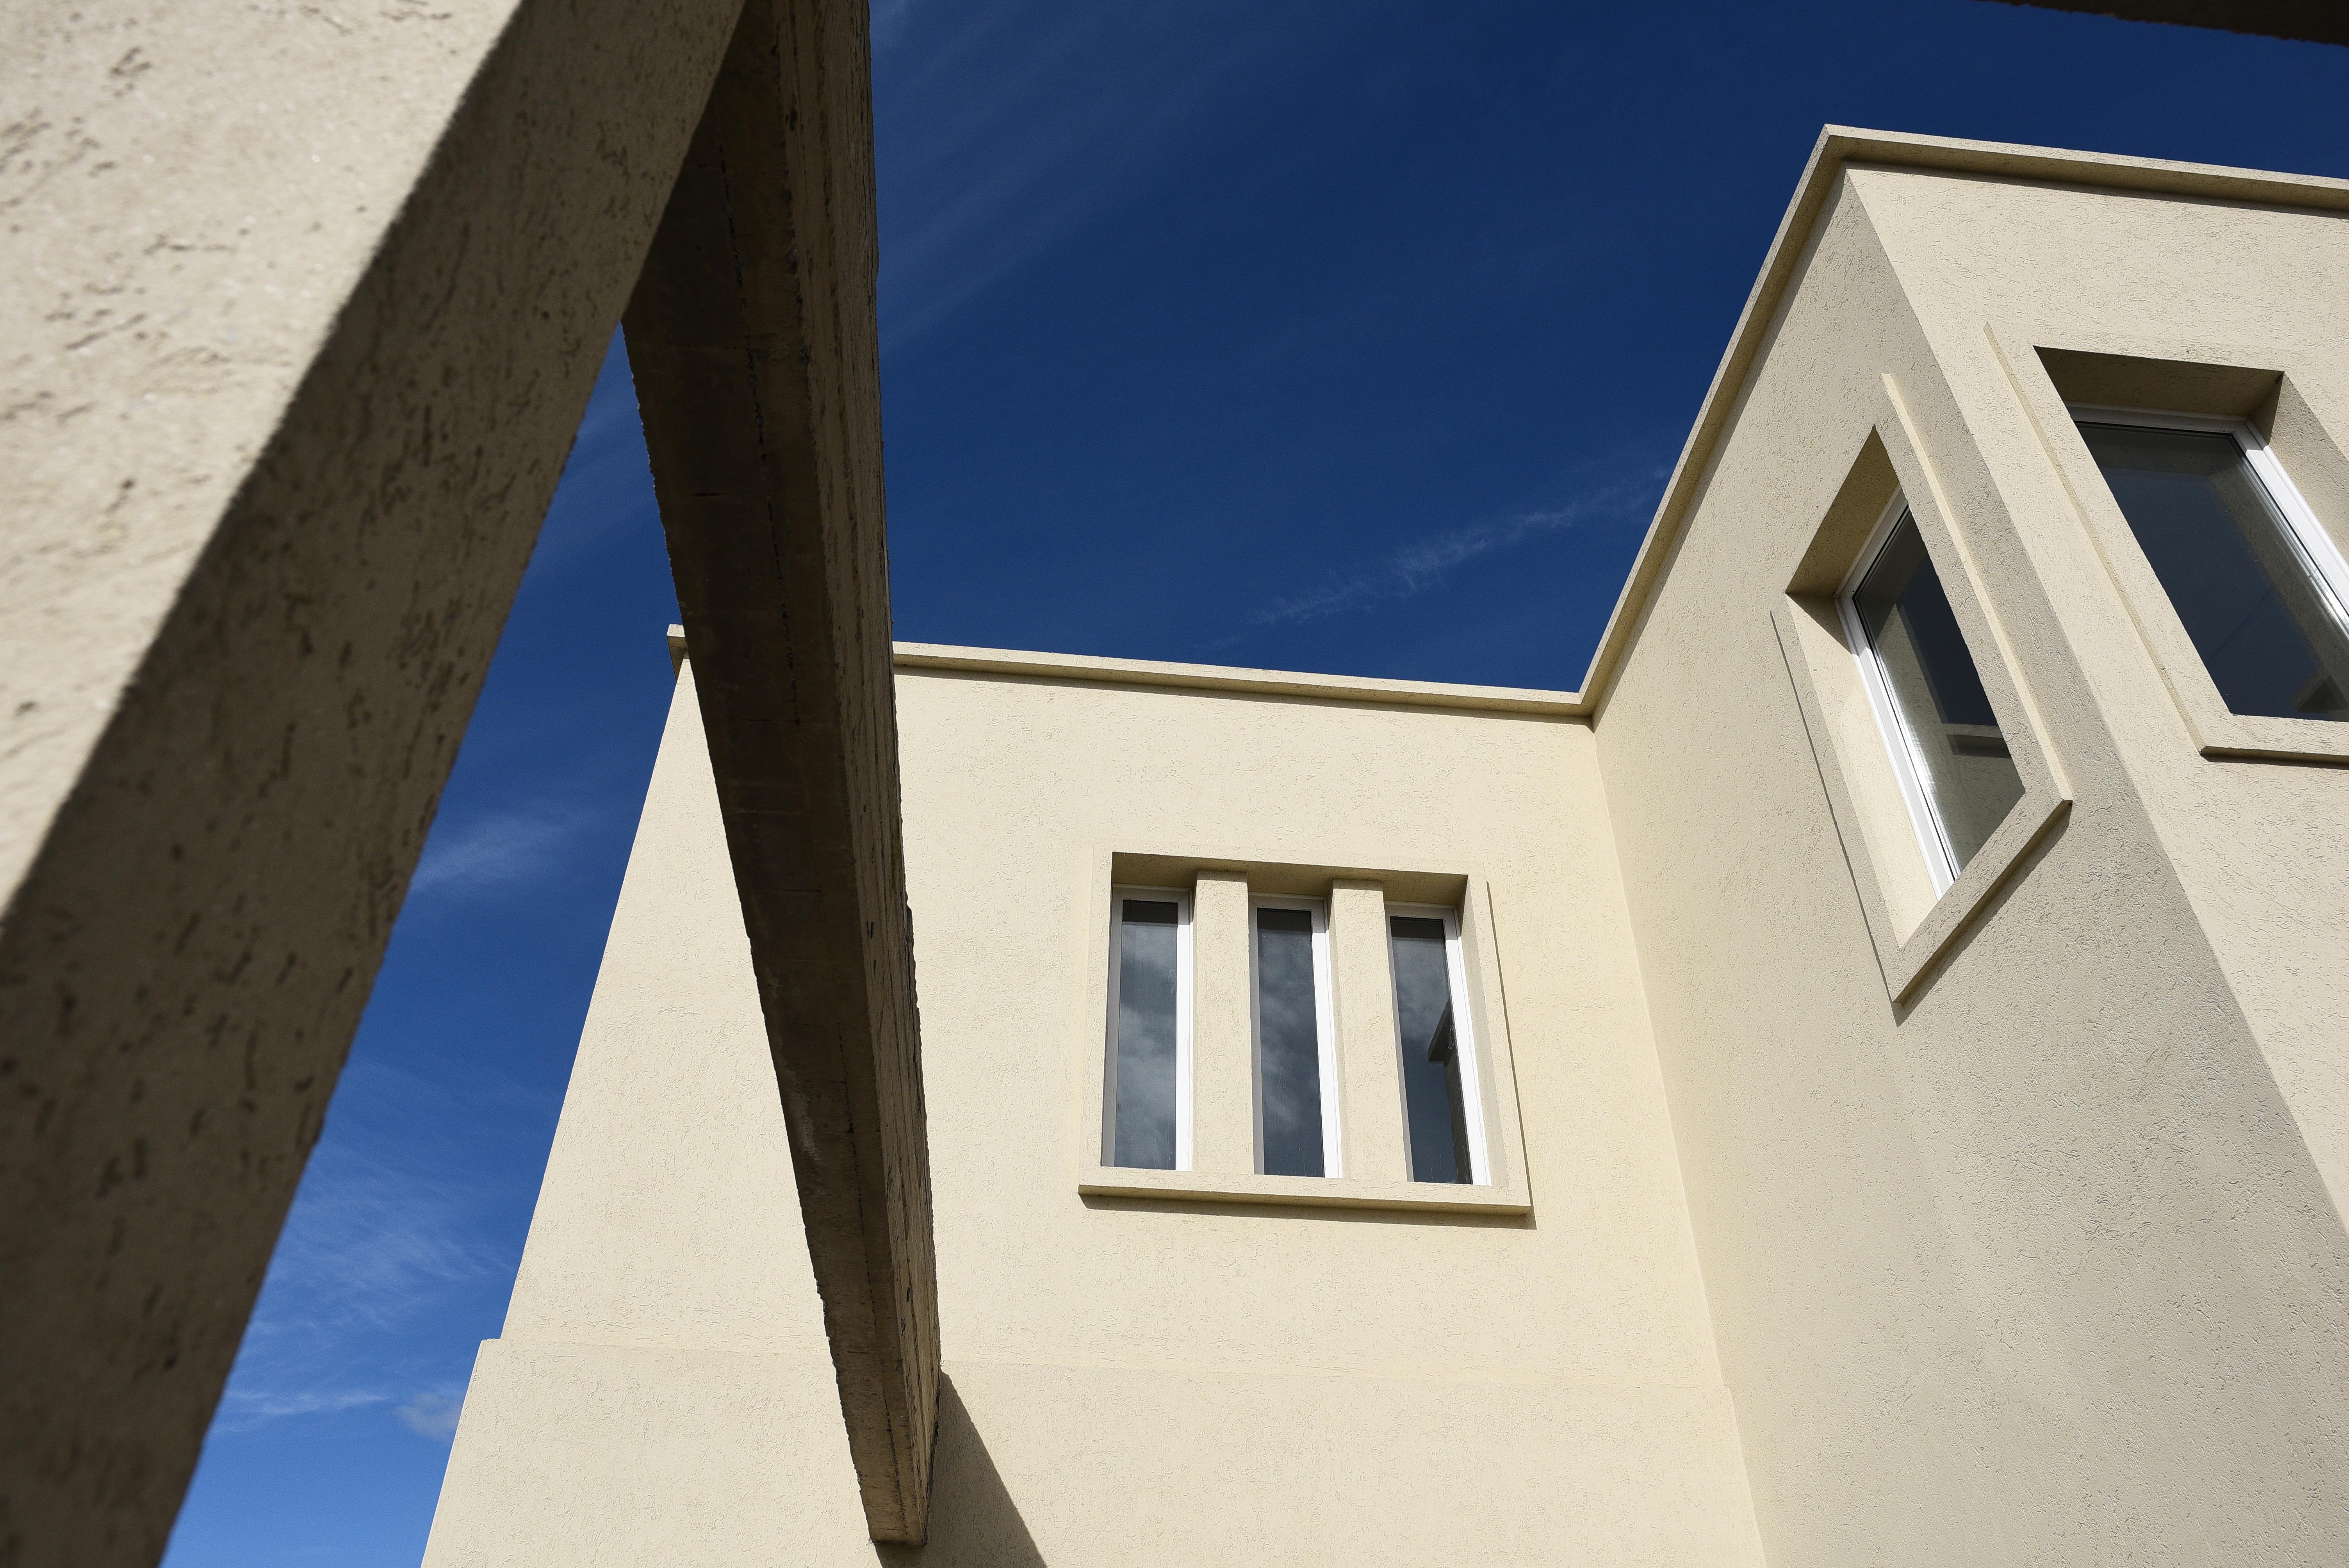 ventanas de paño fijo